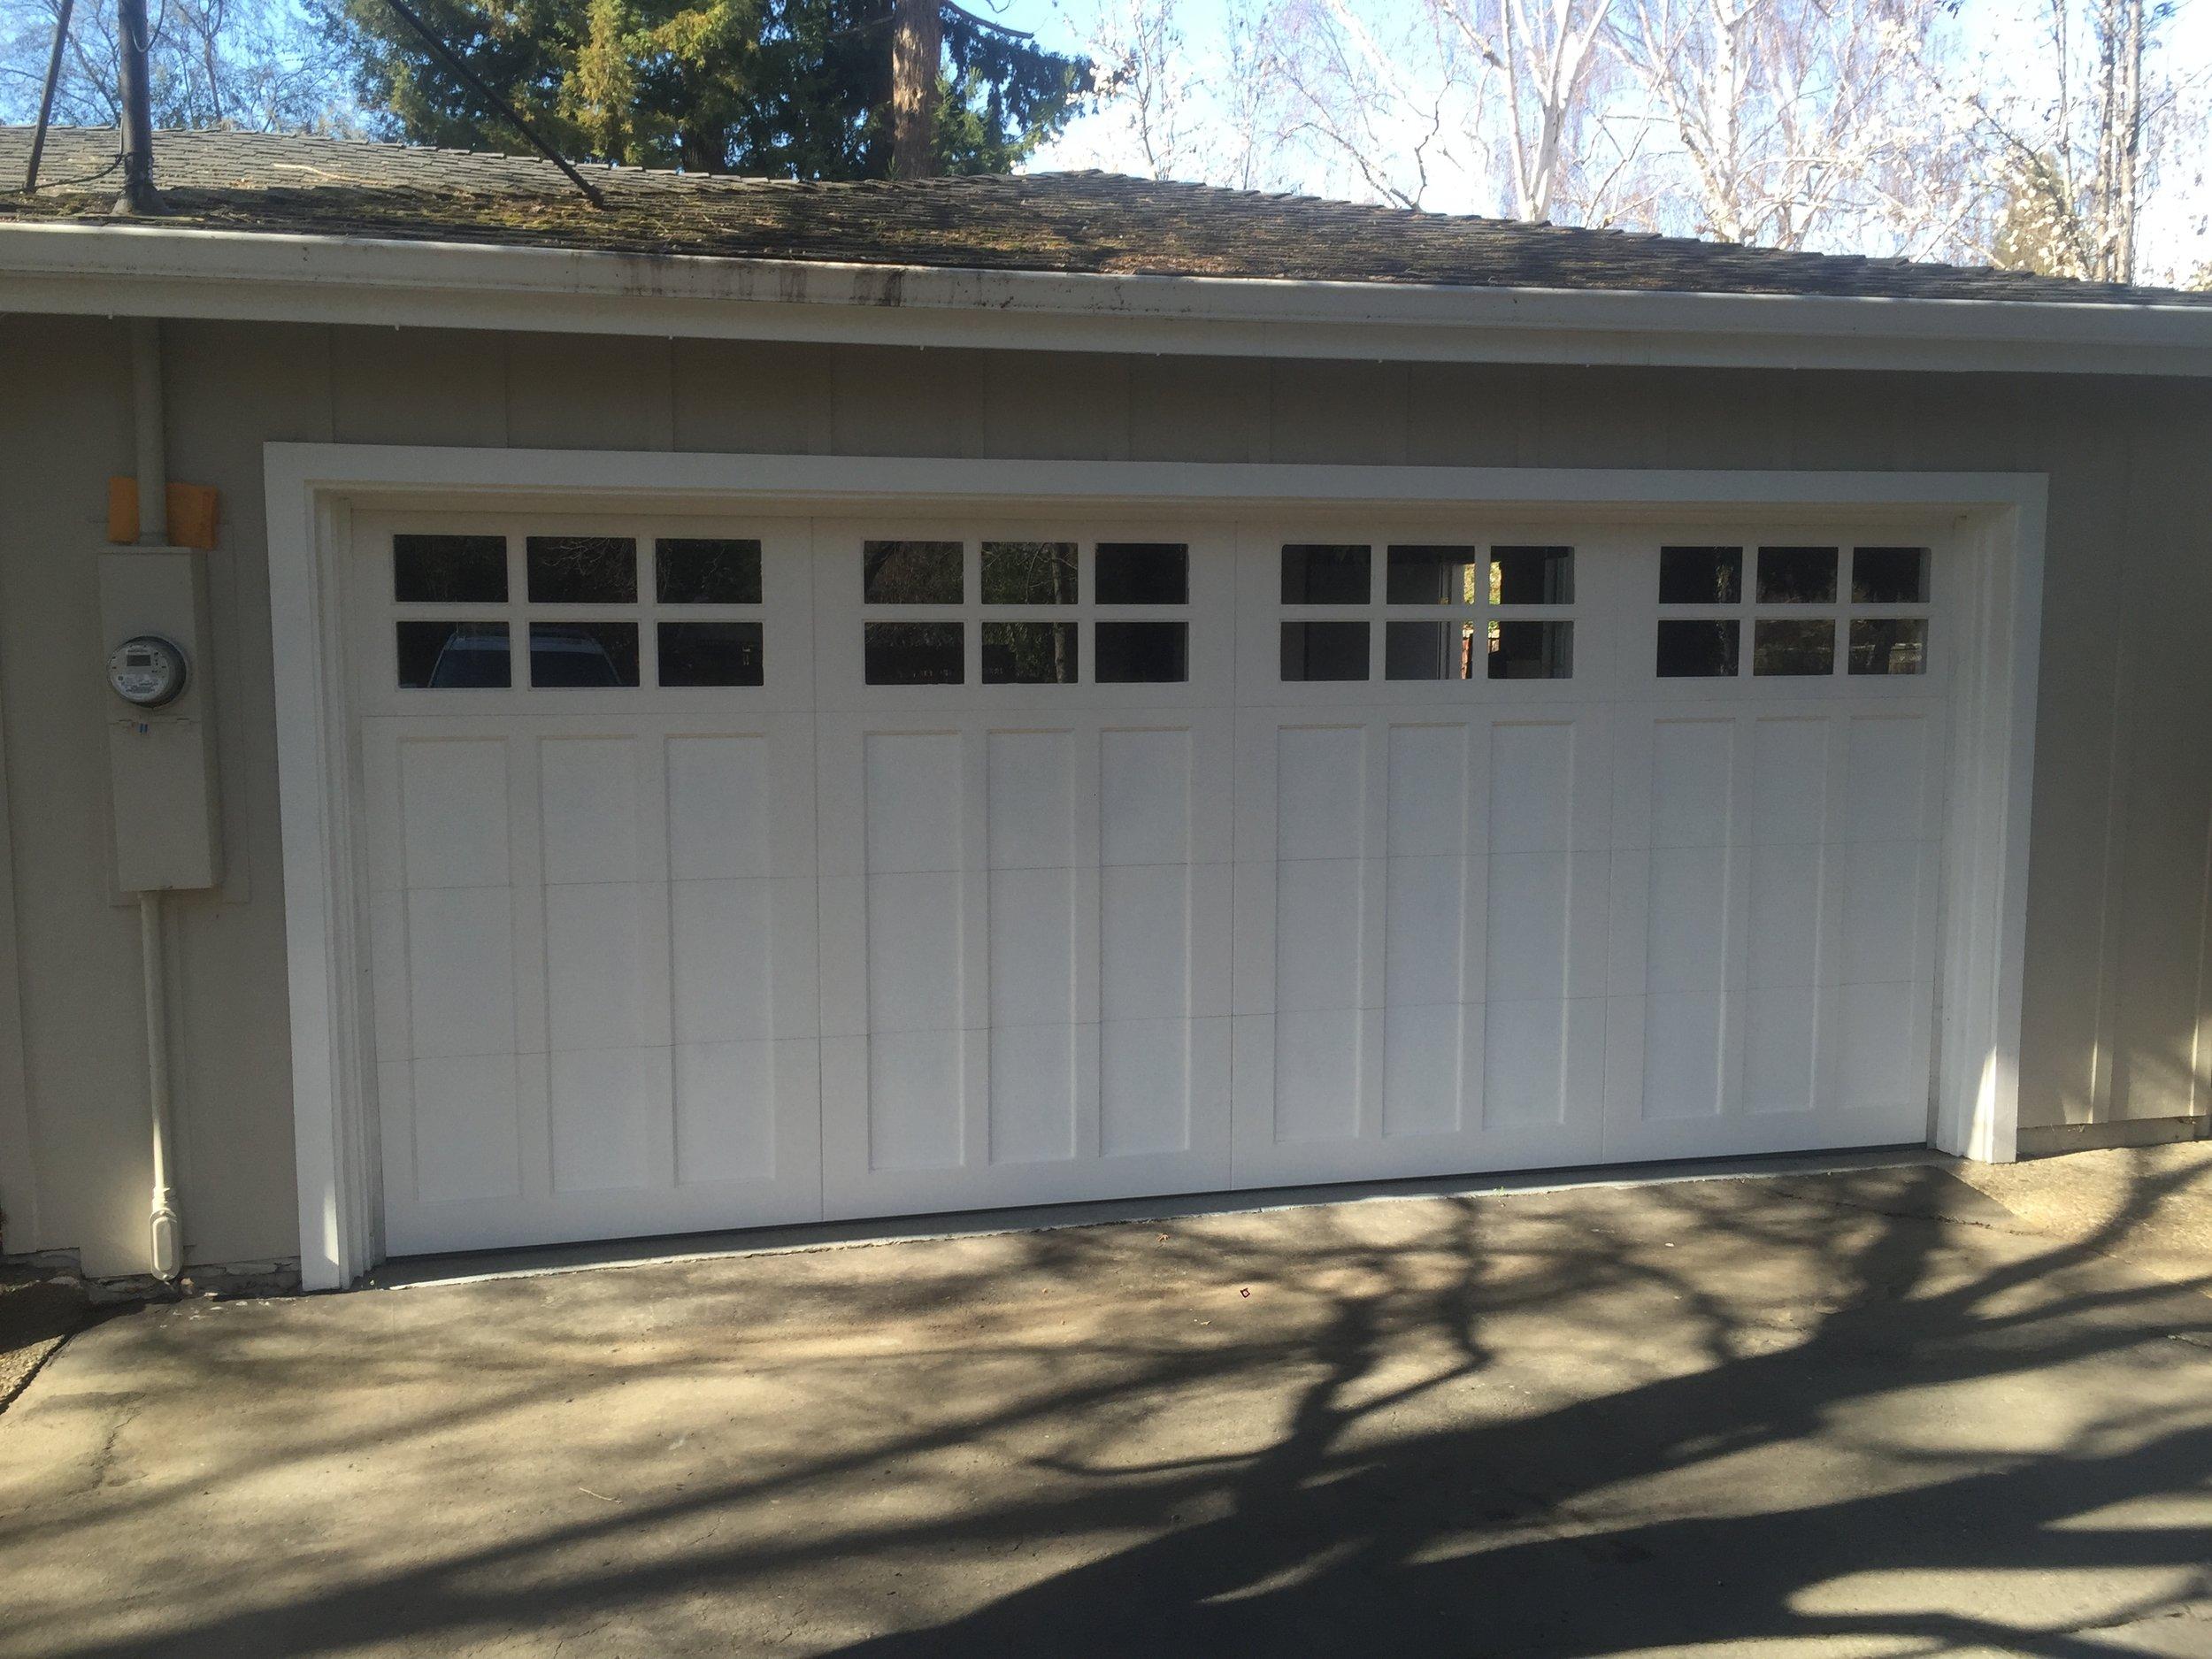 all bay garage doors - carriage house garage door - kevin chervatin - 27.JPG